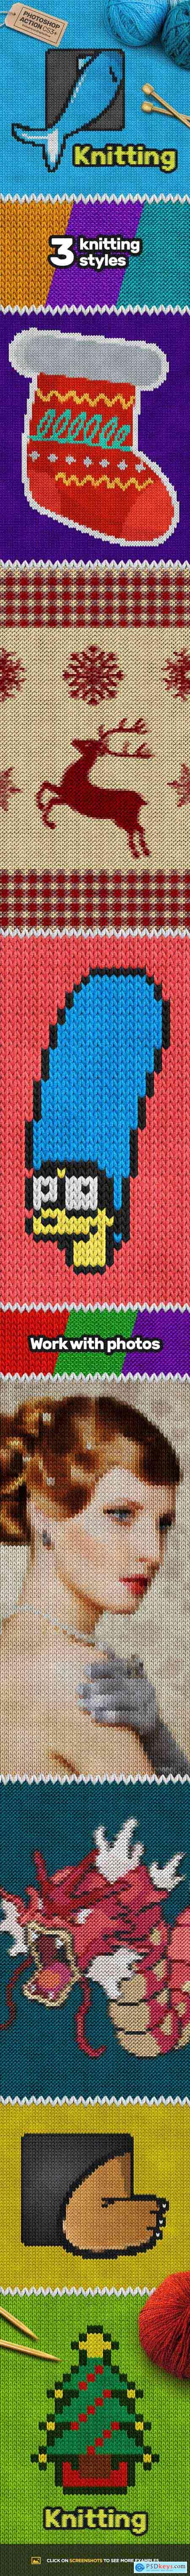 Knitting CS3+ Photoshop Action 18948973